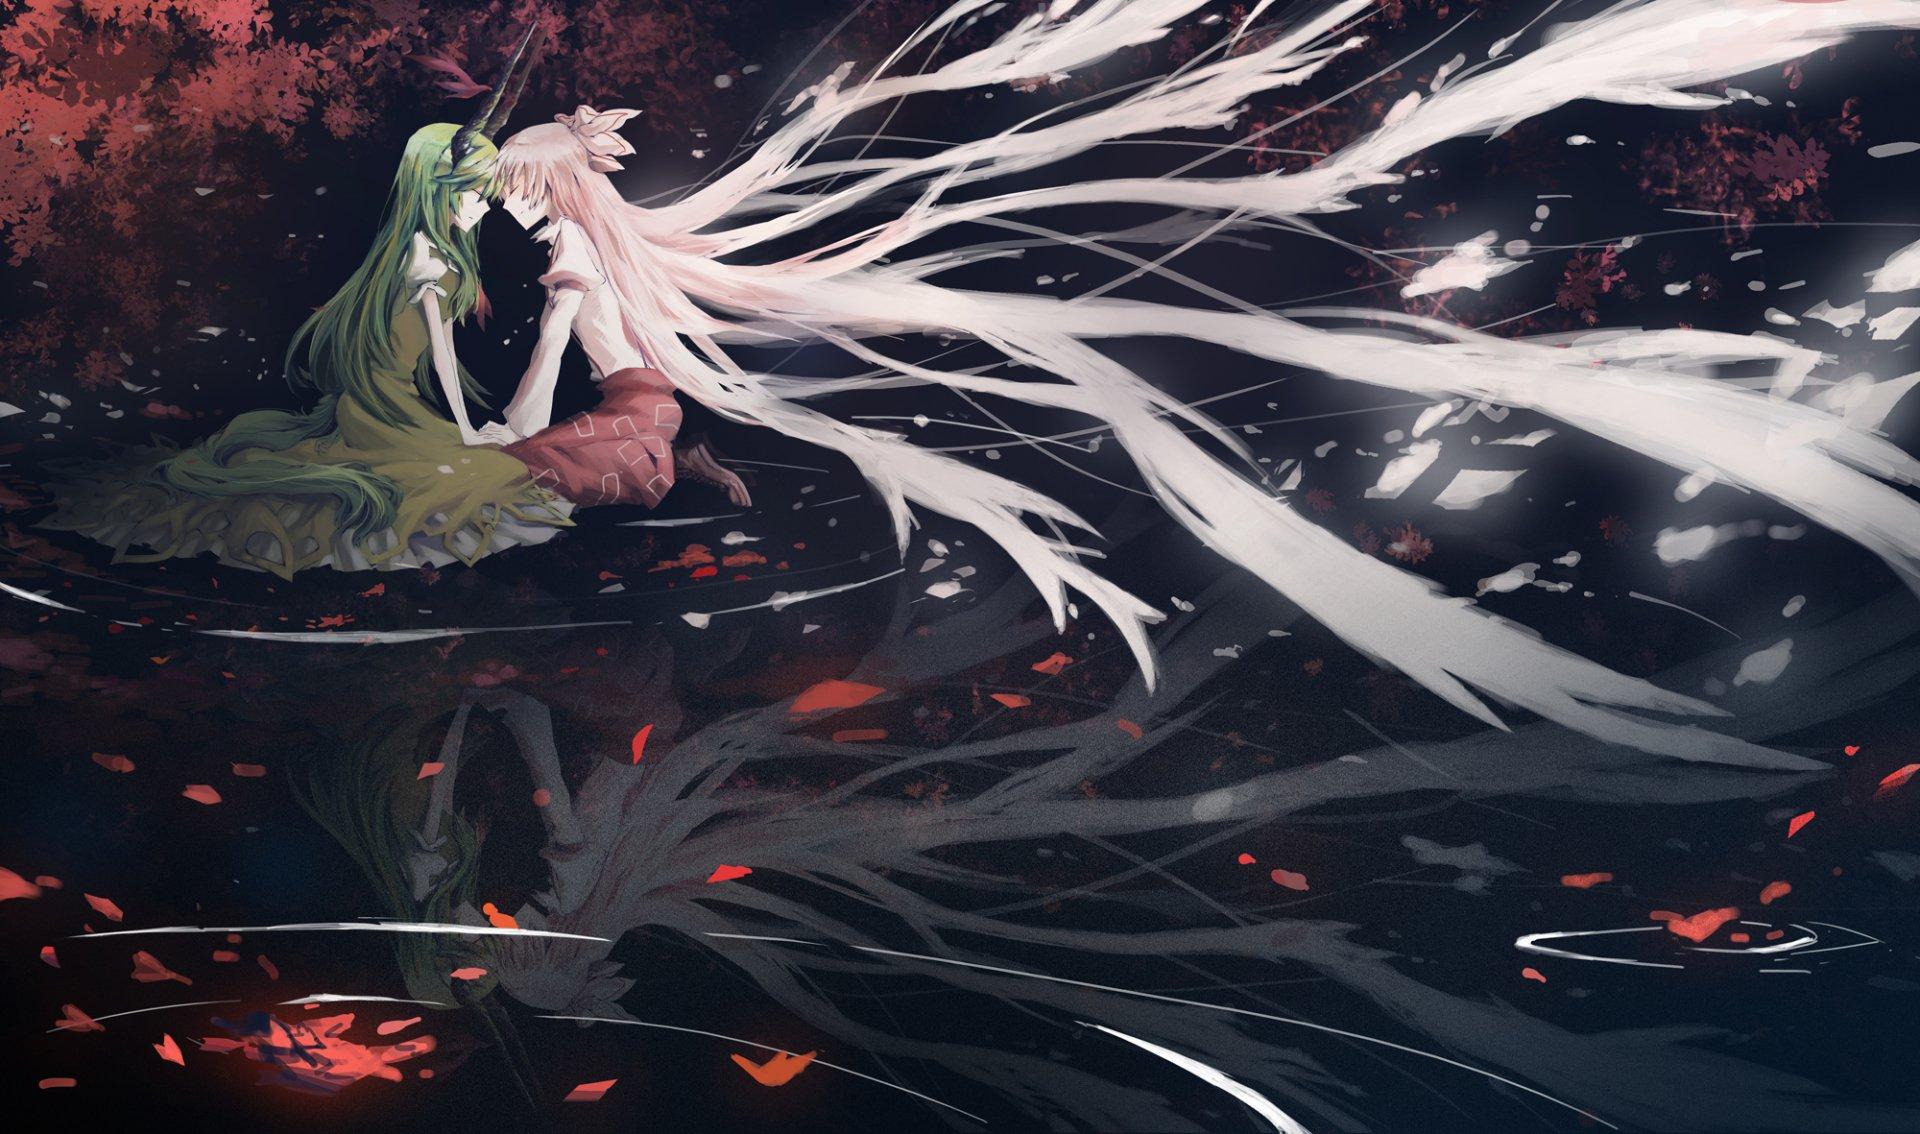 Anime - Touhou  Keine Kamishirasawa Fujiwara No Mokou Wallpaper